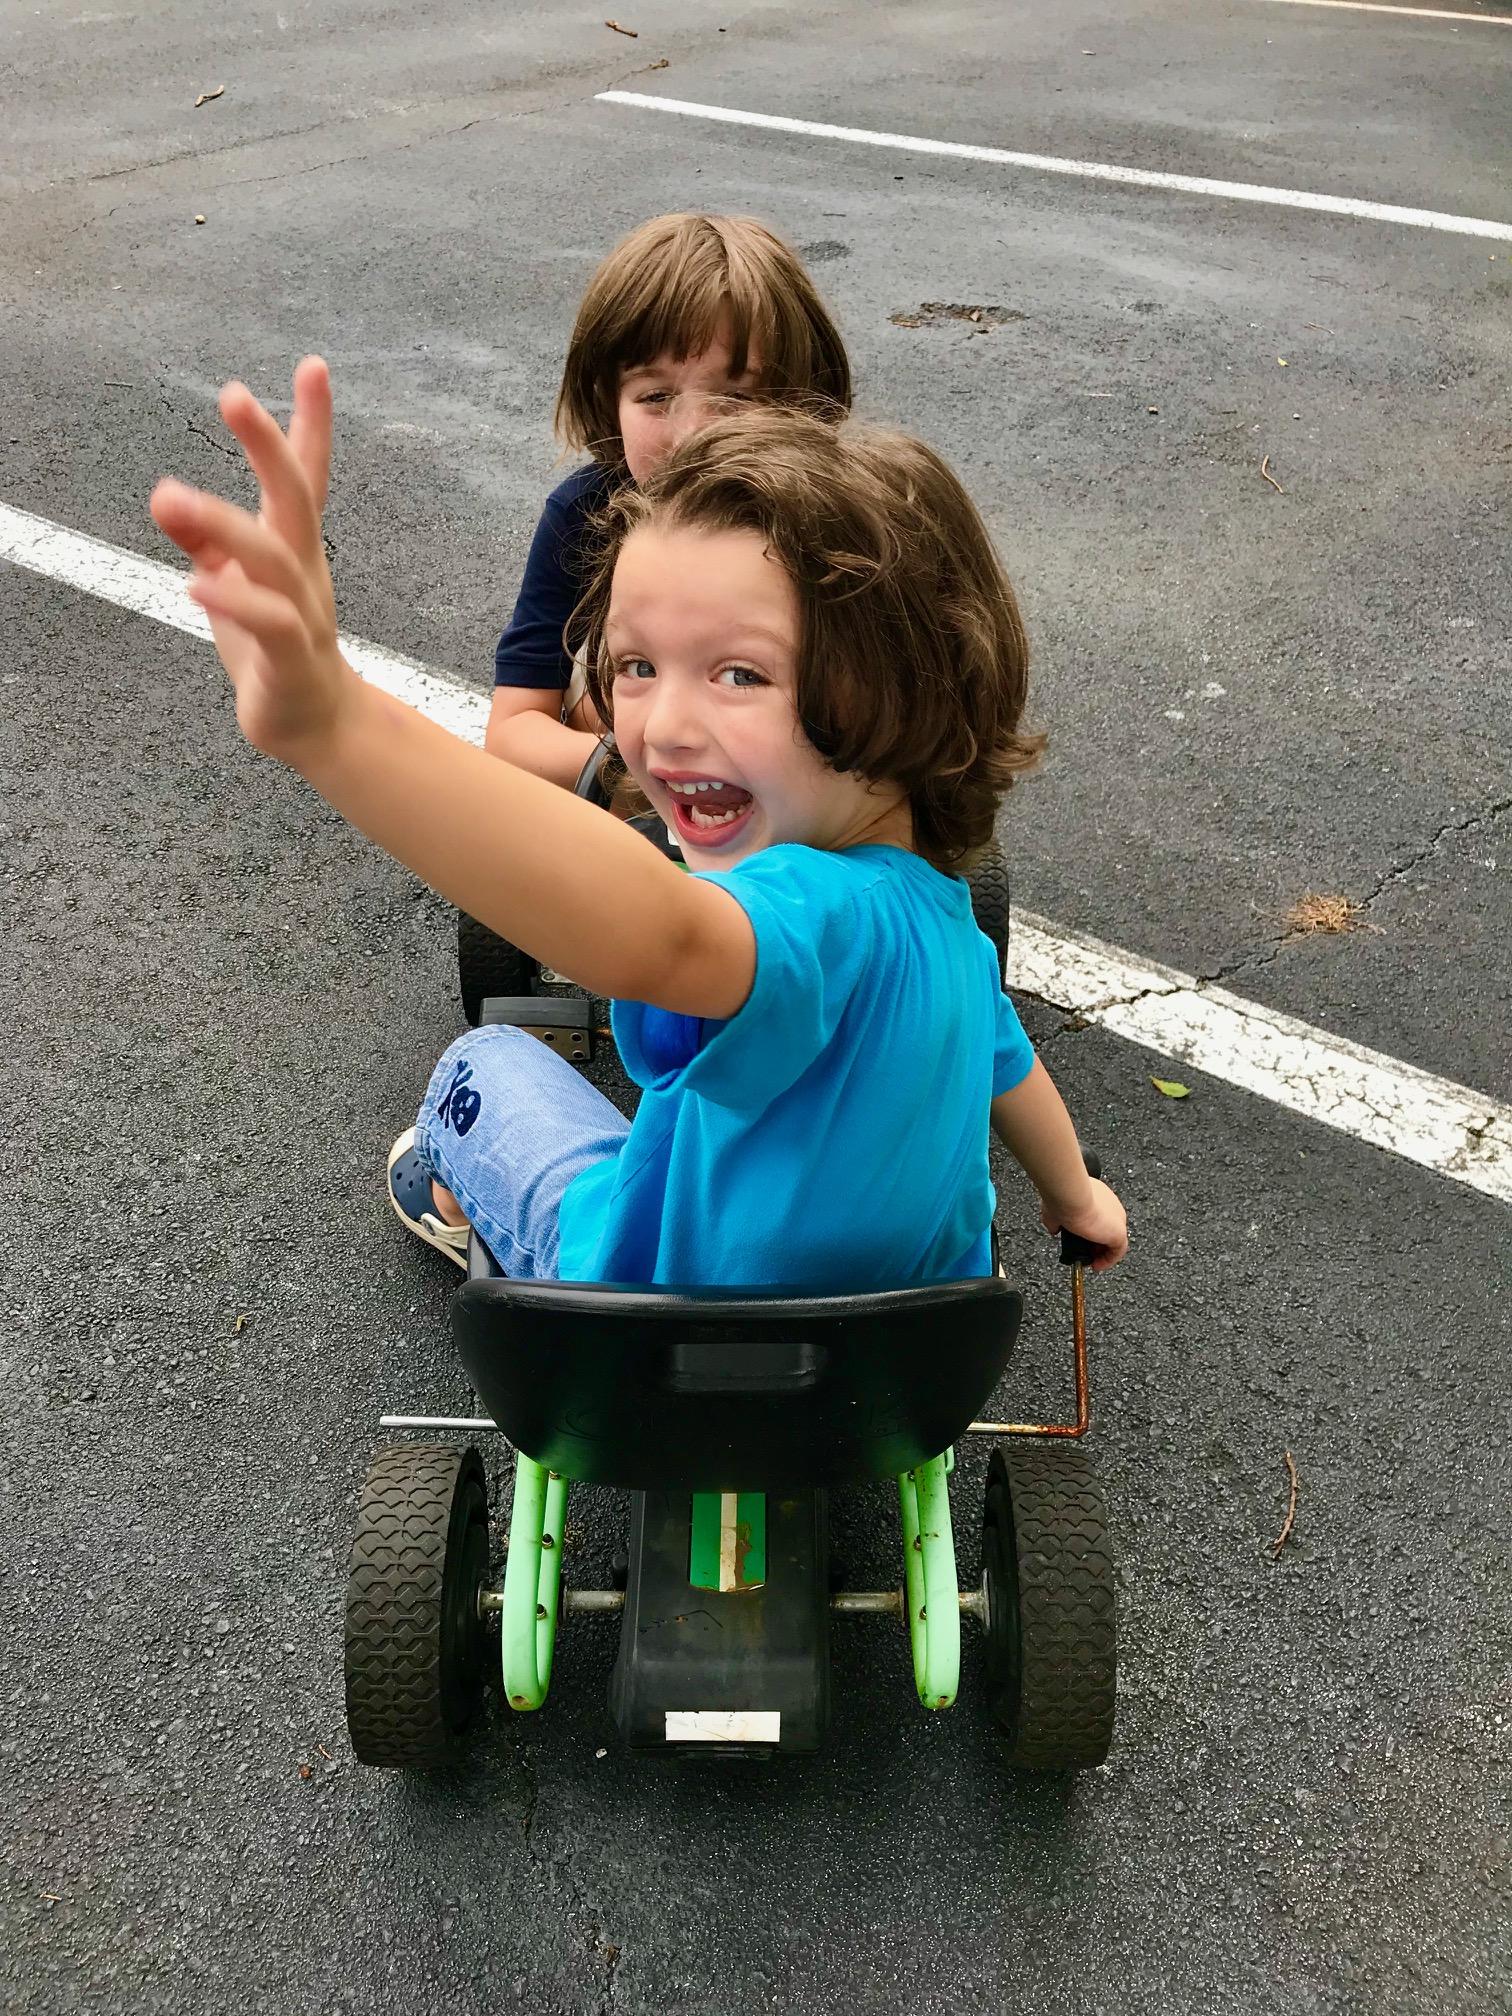 two boys on a go cart